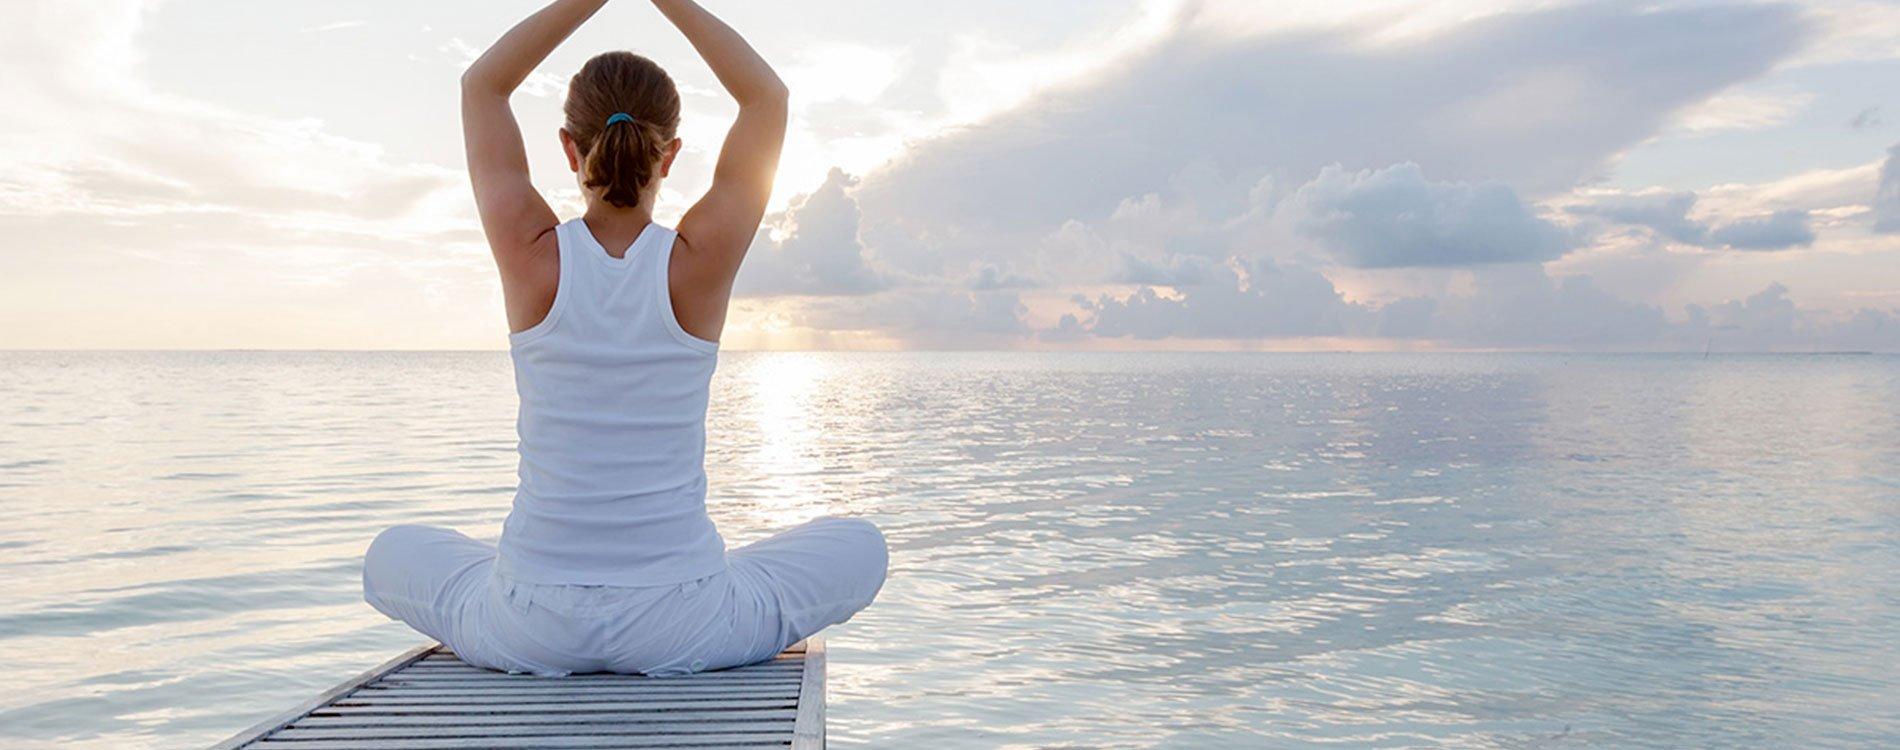 Comment améliorer son bien-être au quotidien ?